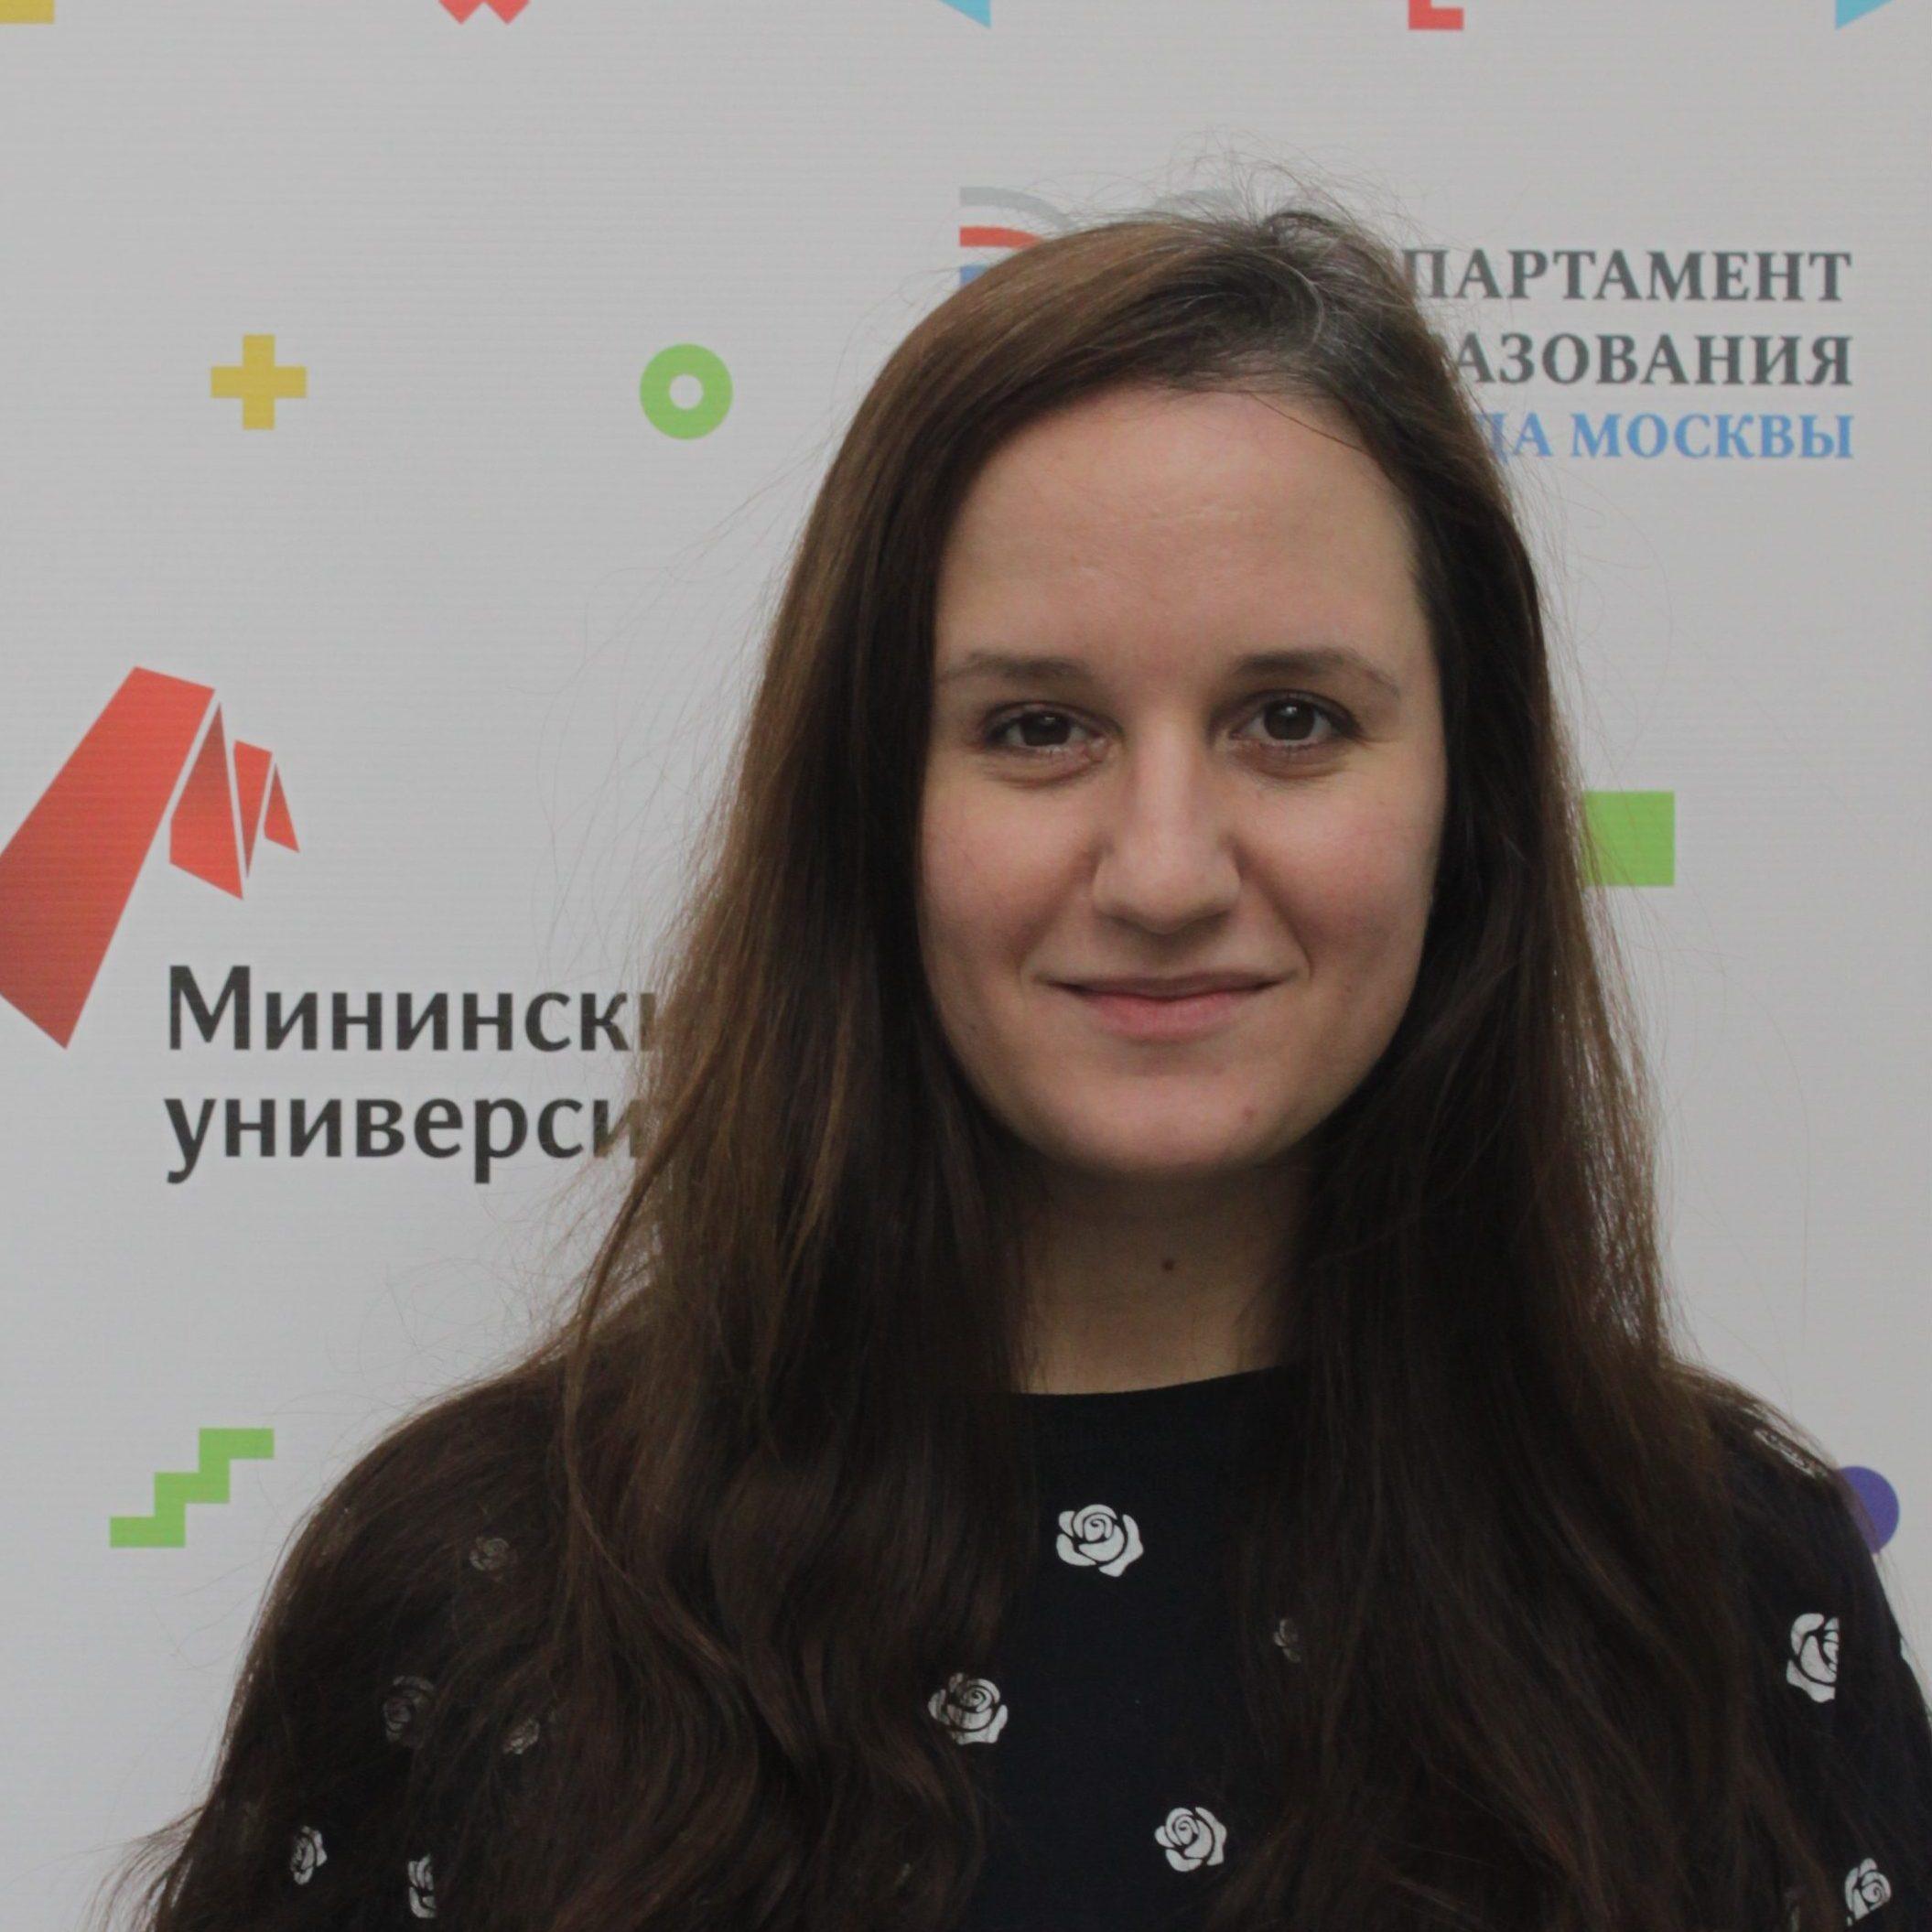 Yulianna Belyaeva Nude Photos 81